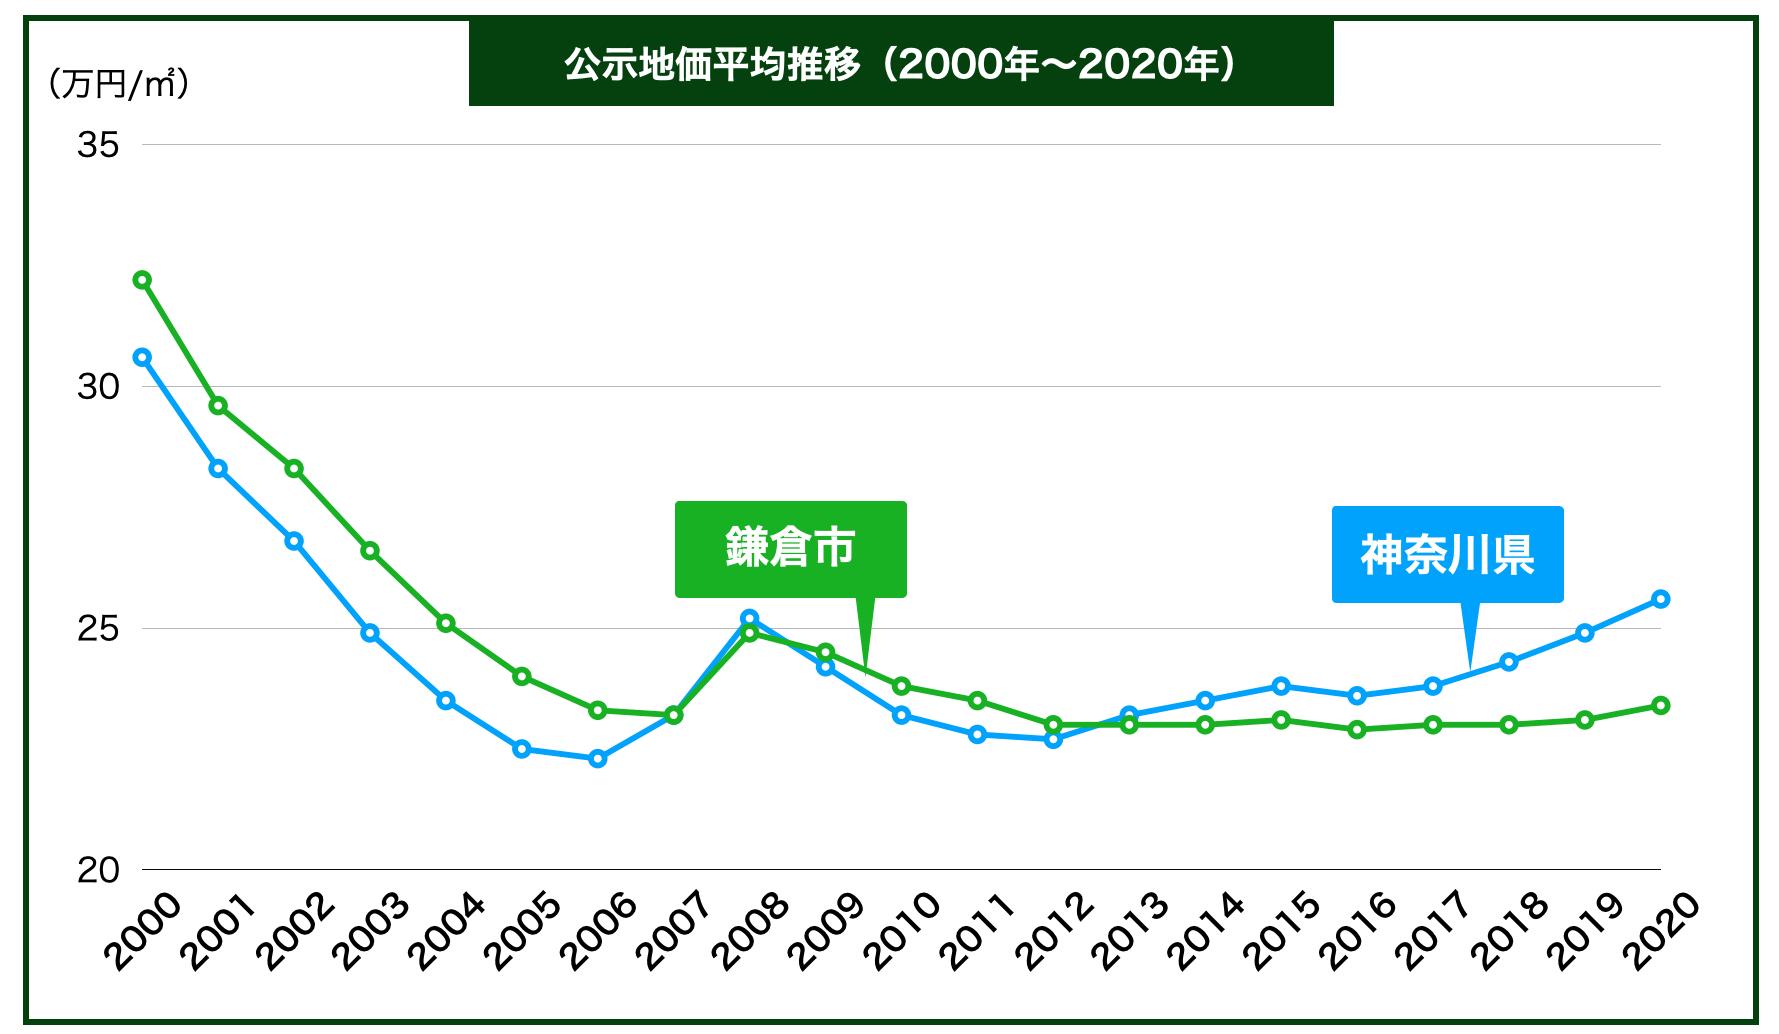 鎌倉市の公示地価の推移